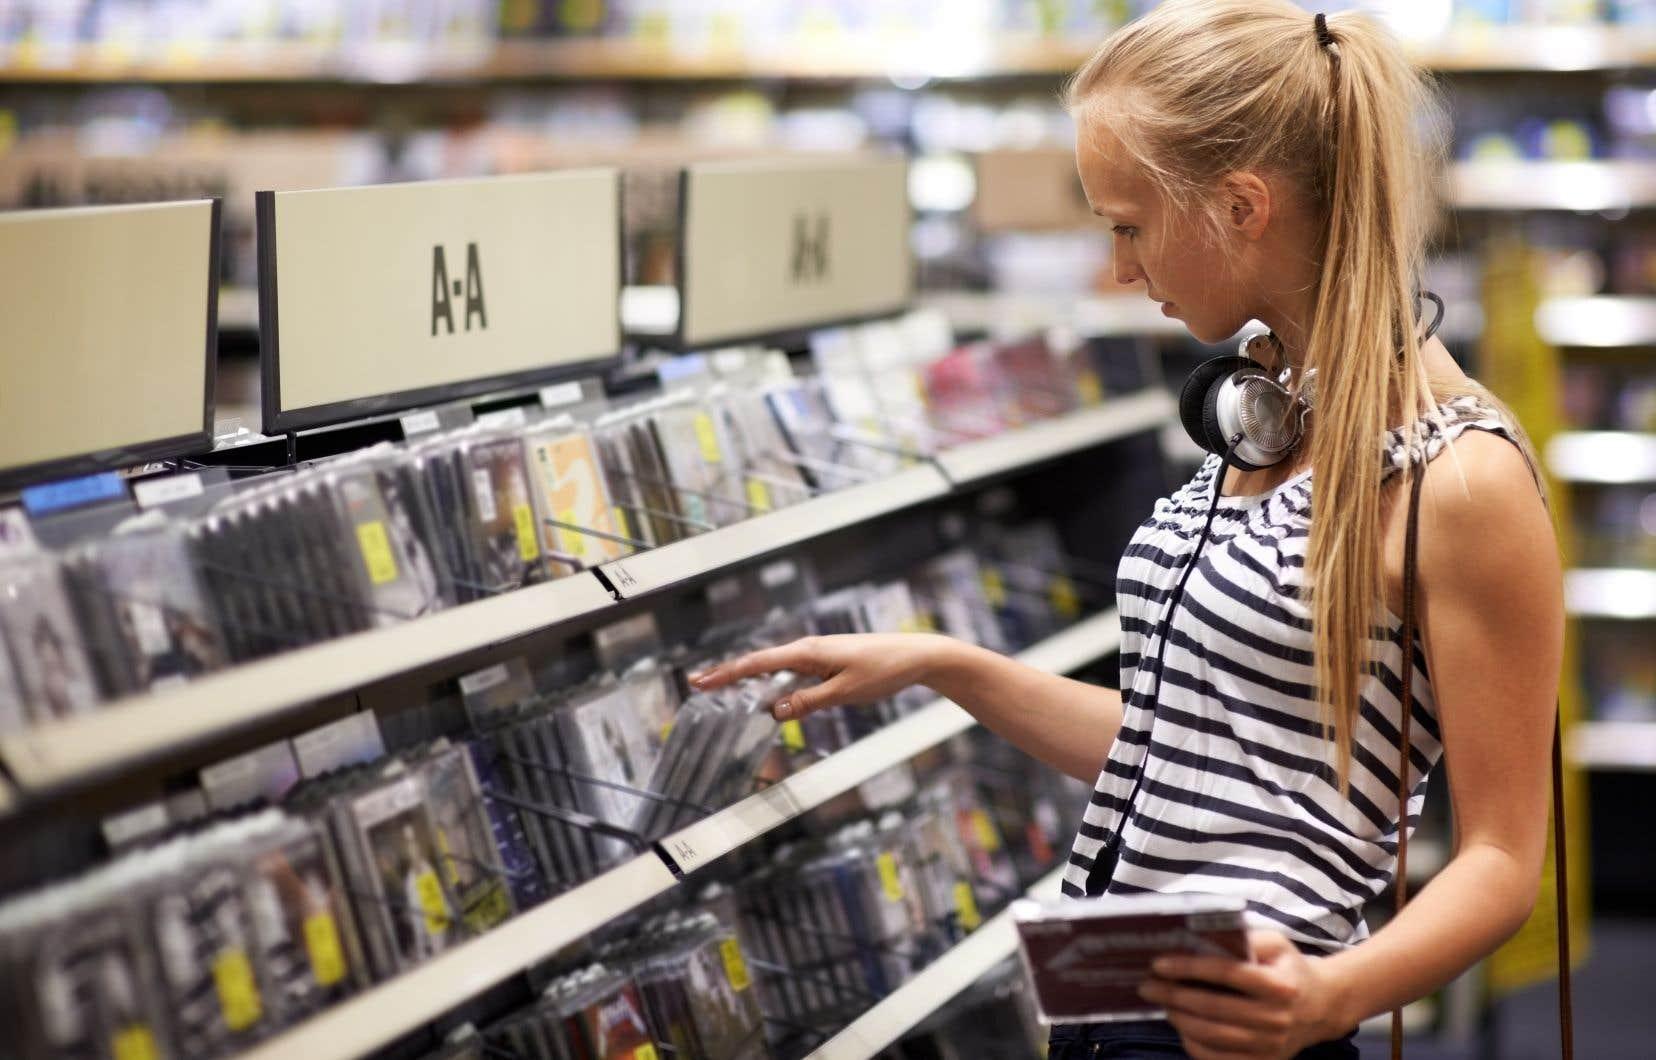 Au total, il s'est vendu l'équivalent de 5,75 millions d'albums en 2017, soit un million de moins que l'année précédente.